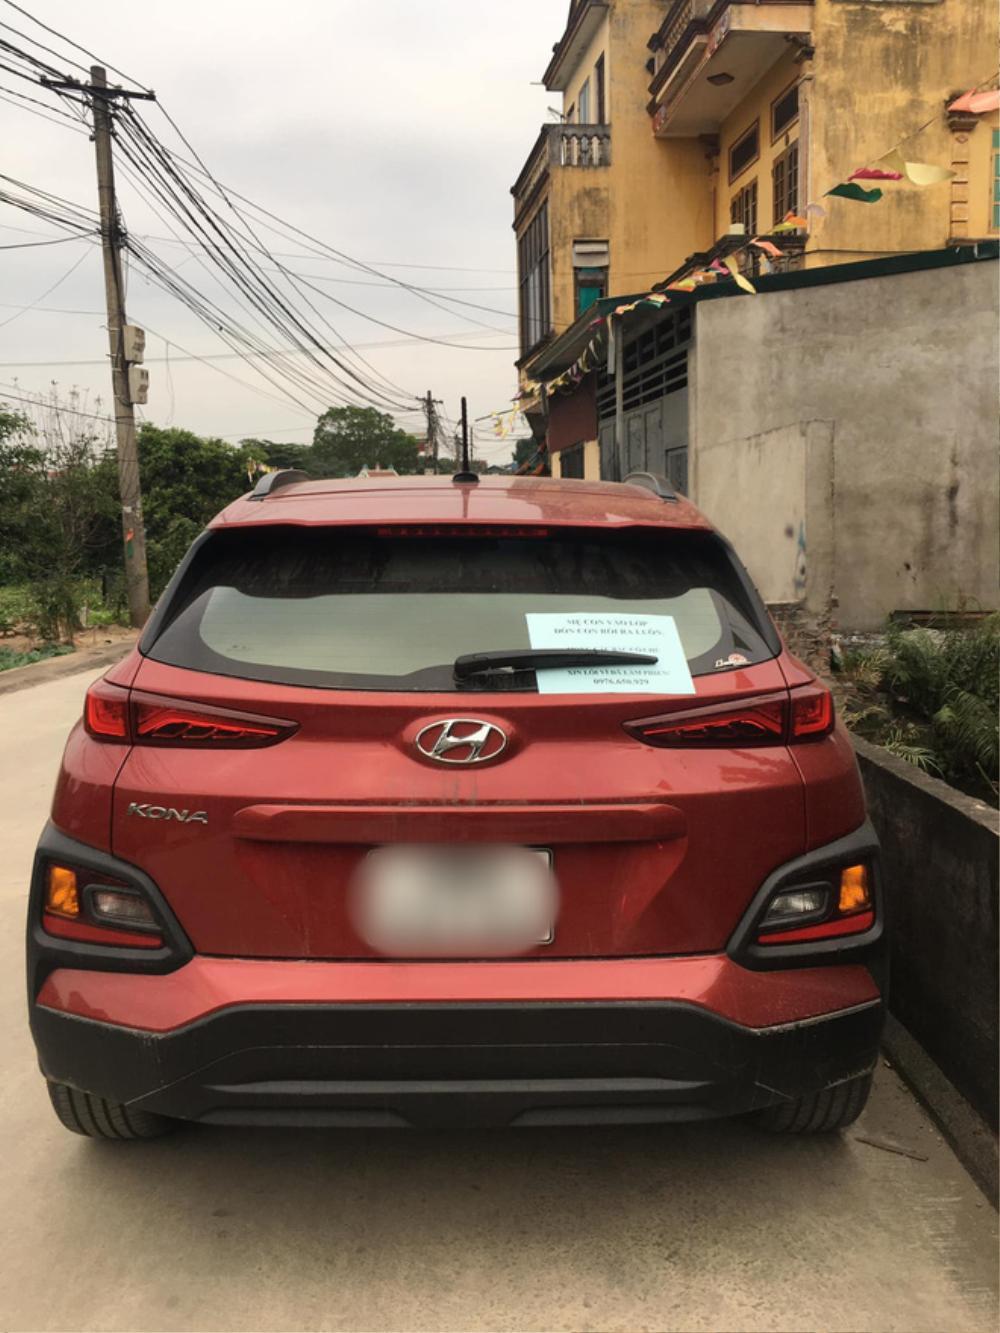 Đậu ô tô bên lề đường rồi vào trường đón con, người phụ nữ nhận được lời khen với tờ giấy để lại trên xe Ảnh 1